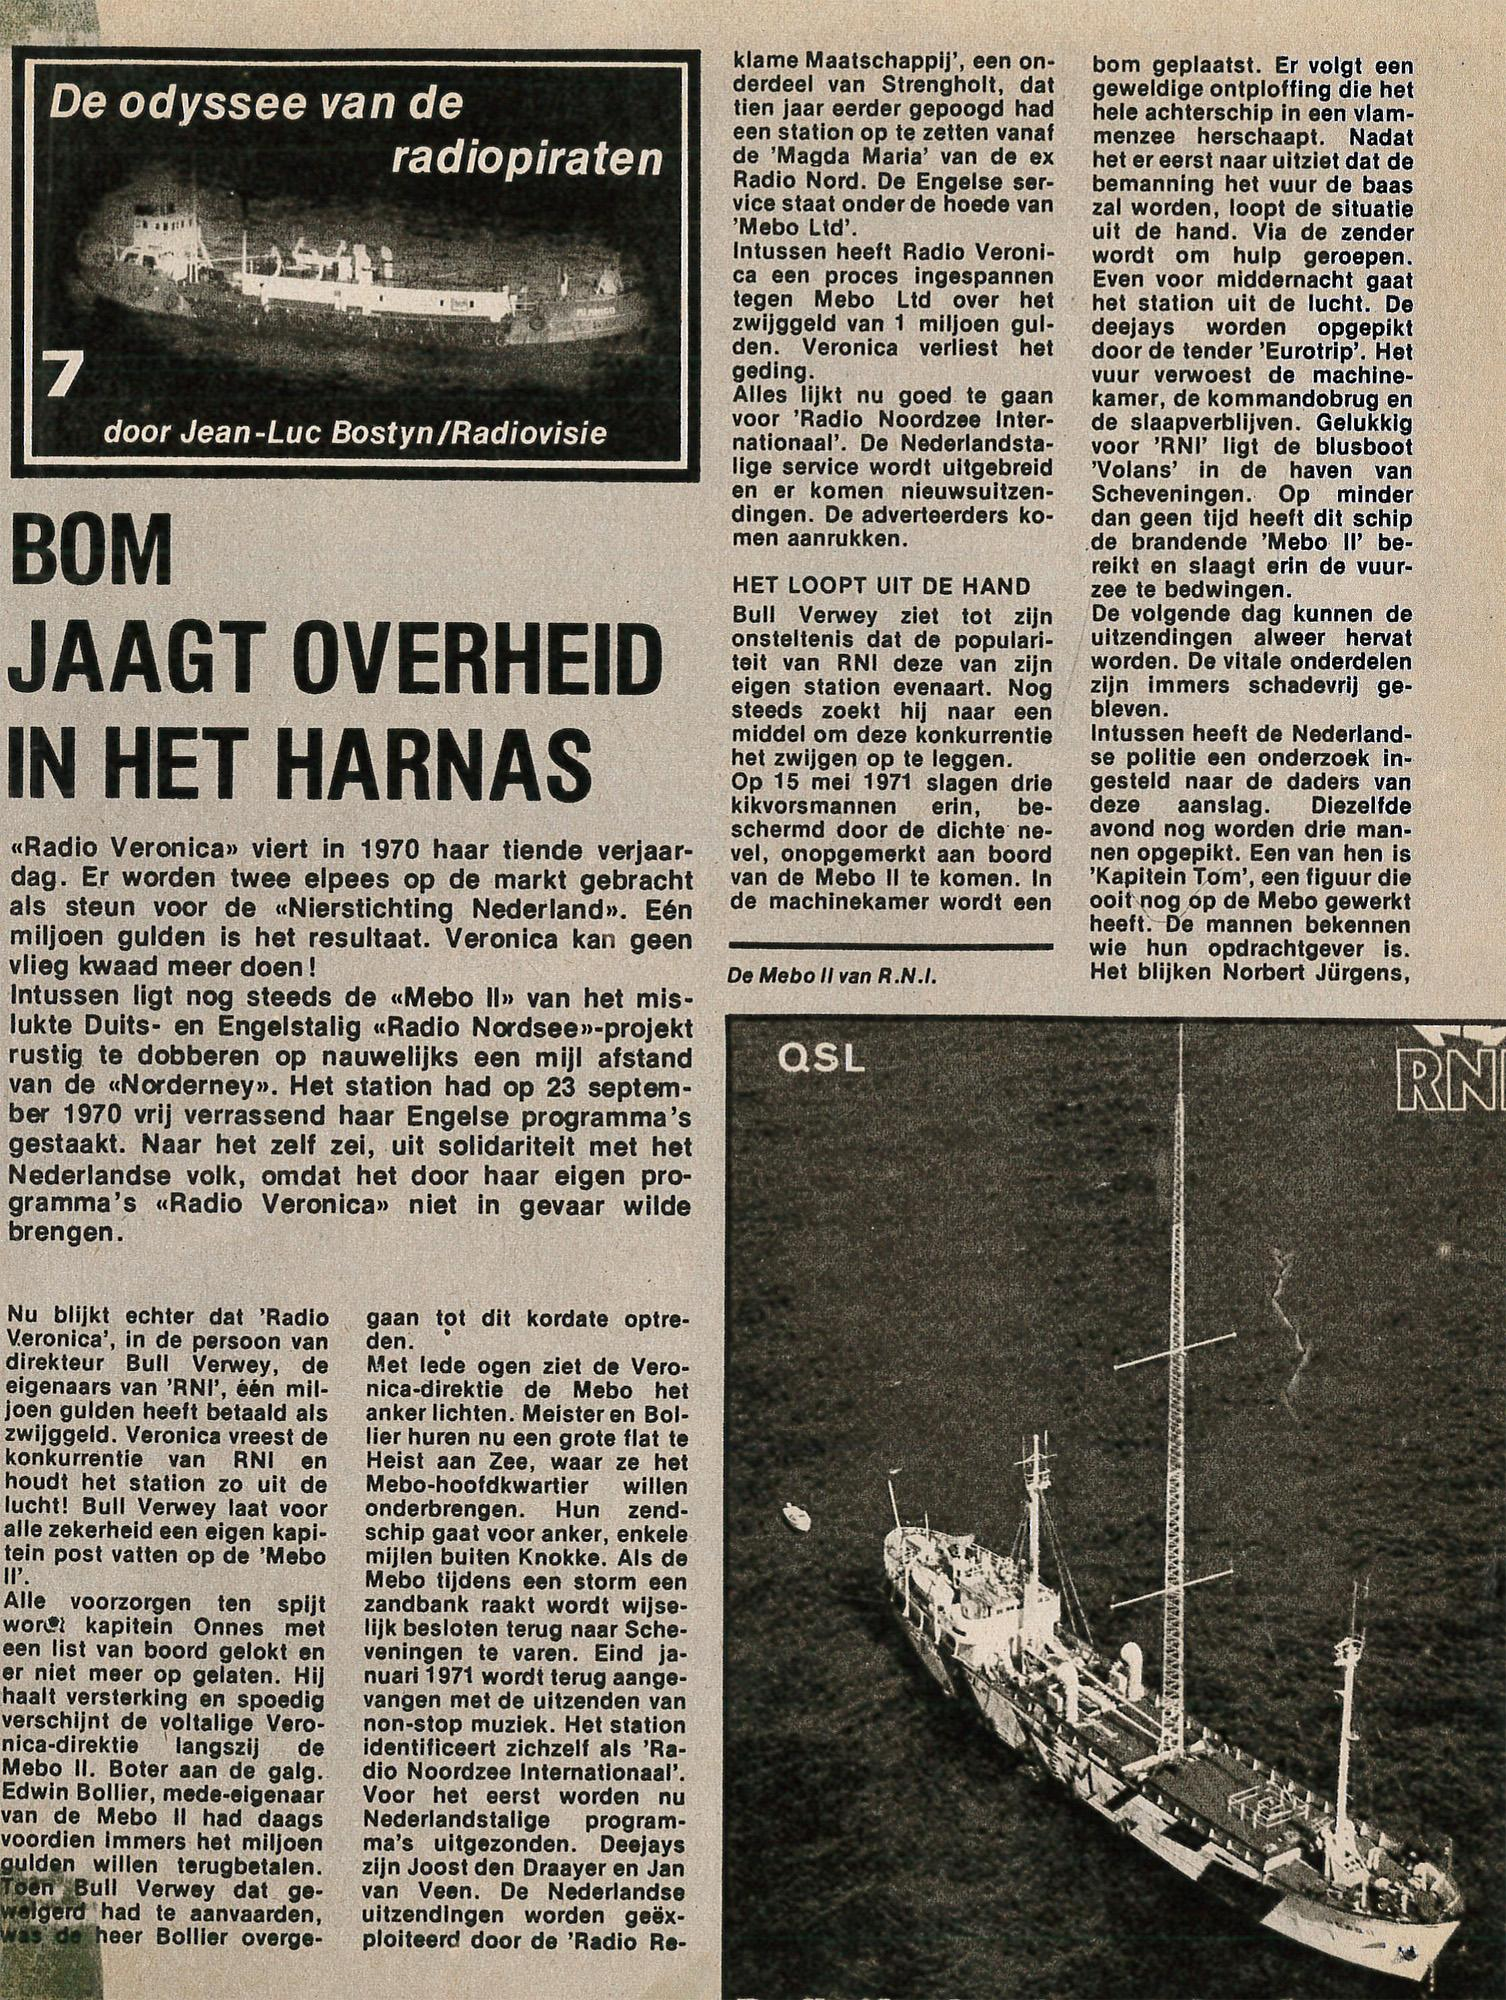 19781210 Joepie Bom jaagt overheid in het harnas 01.jpg